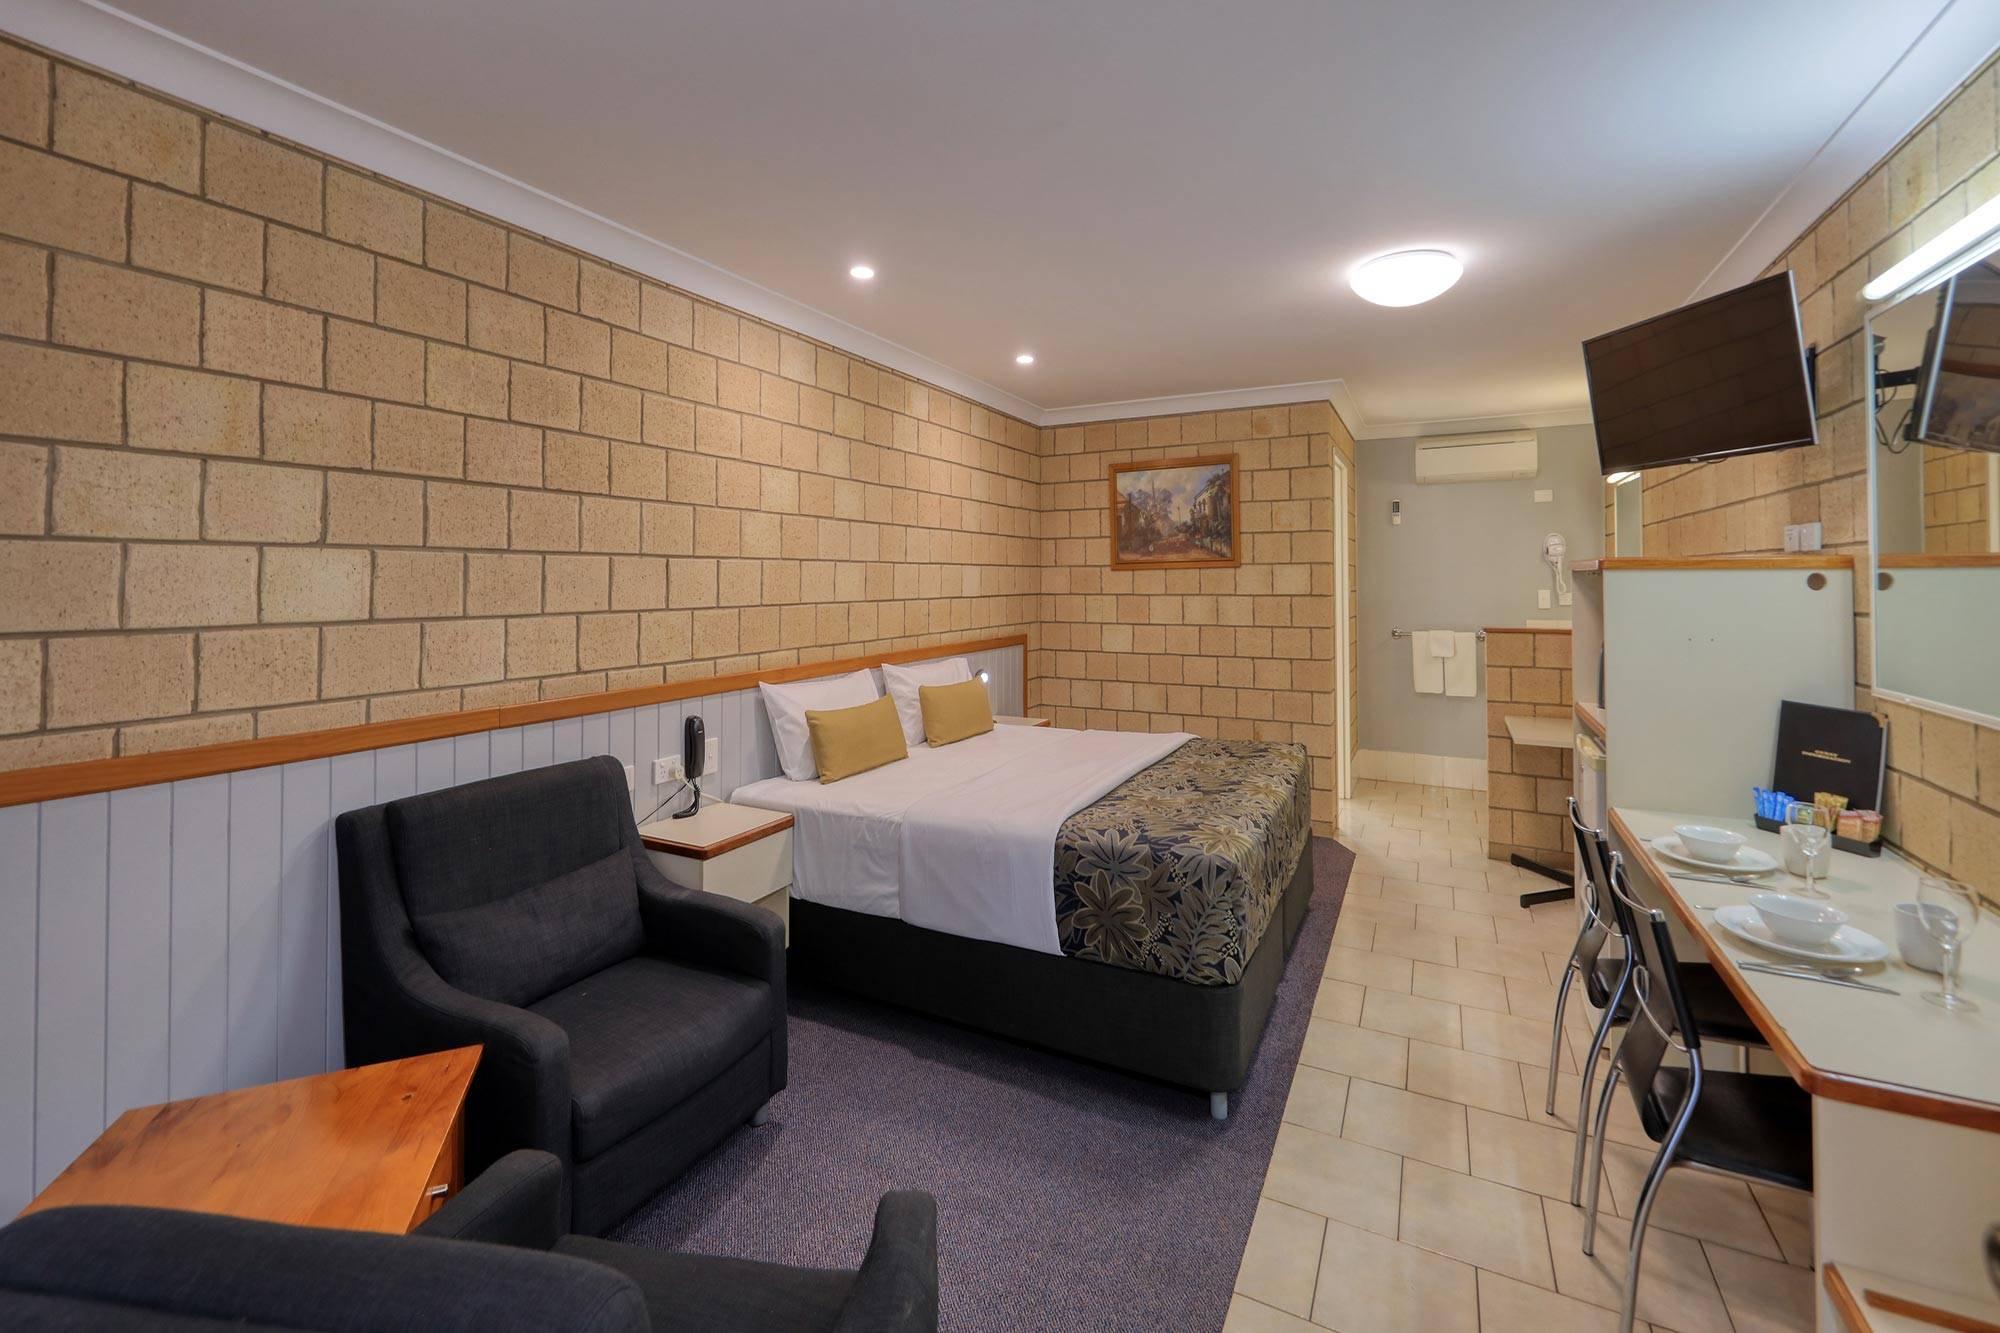 st-george-motel-executive-king-room-(1)